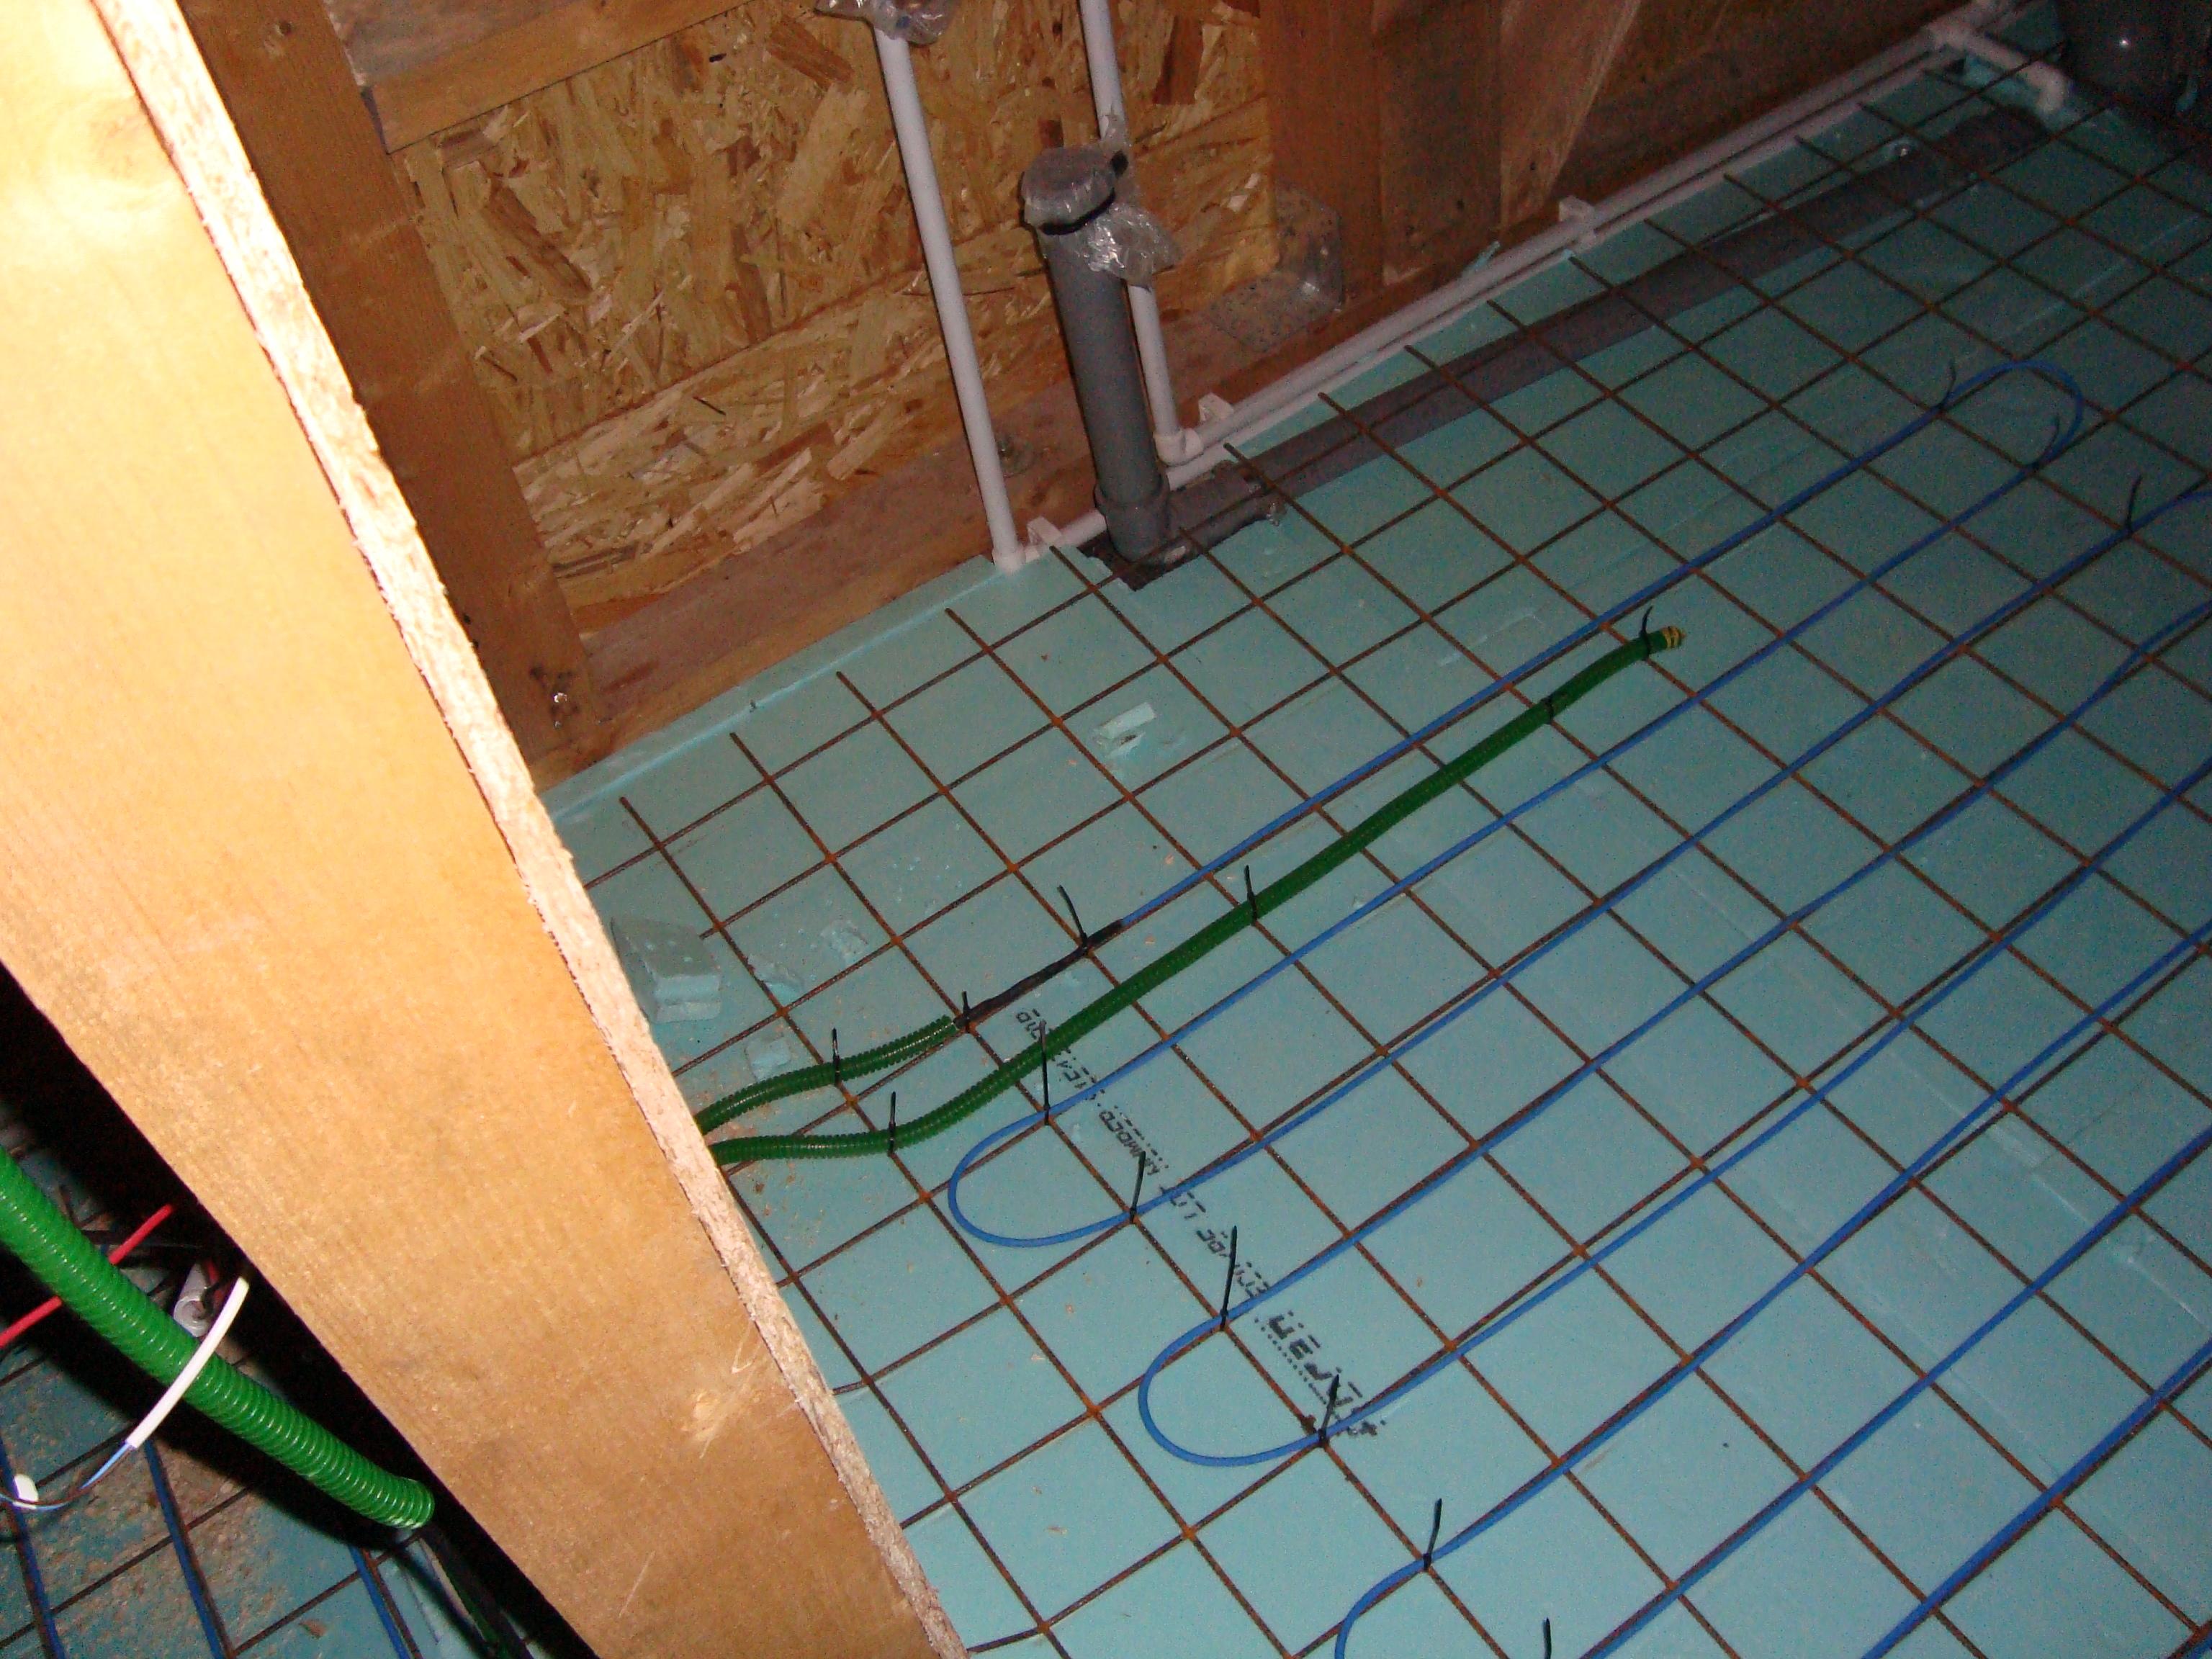 Sistem de incalzire electrica prin pardoseala RAYCHEM - Poza 28